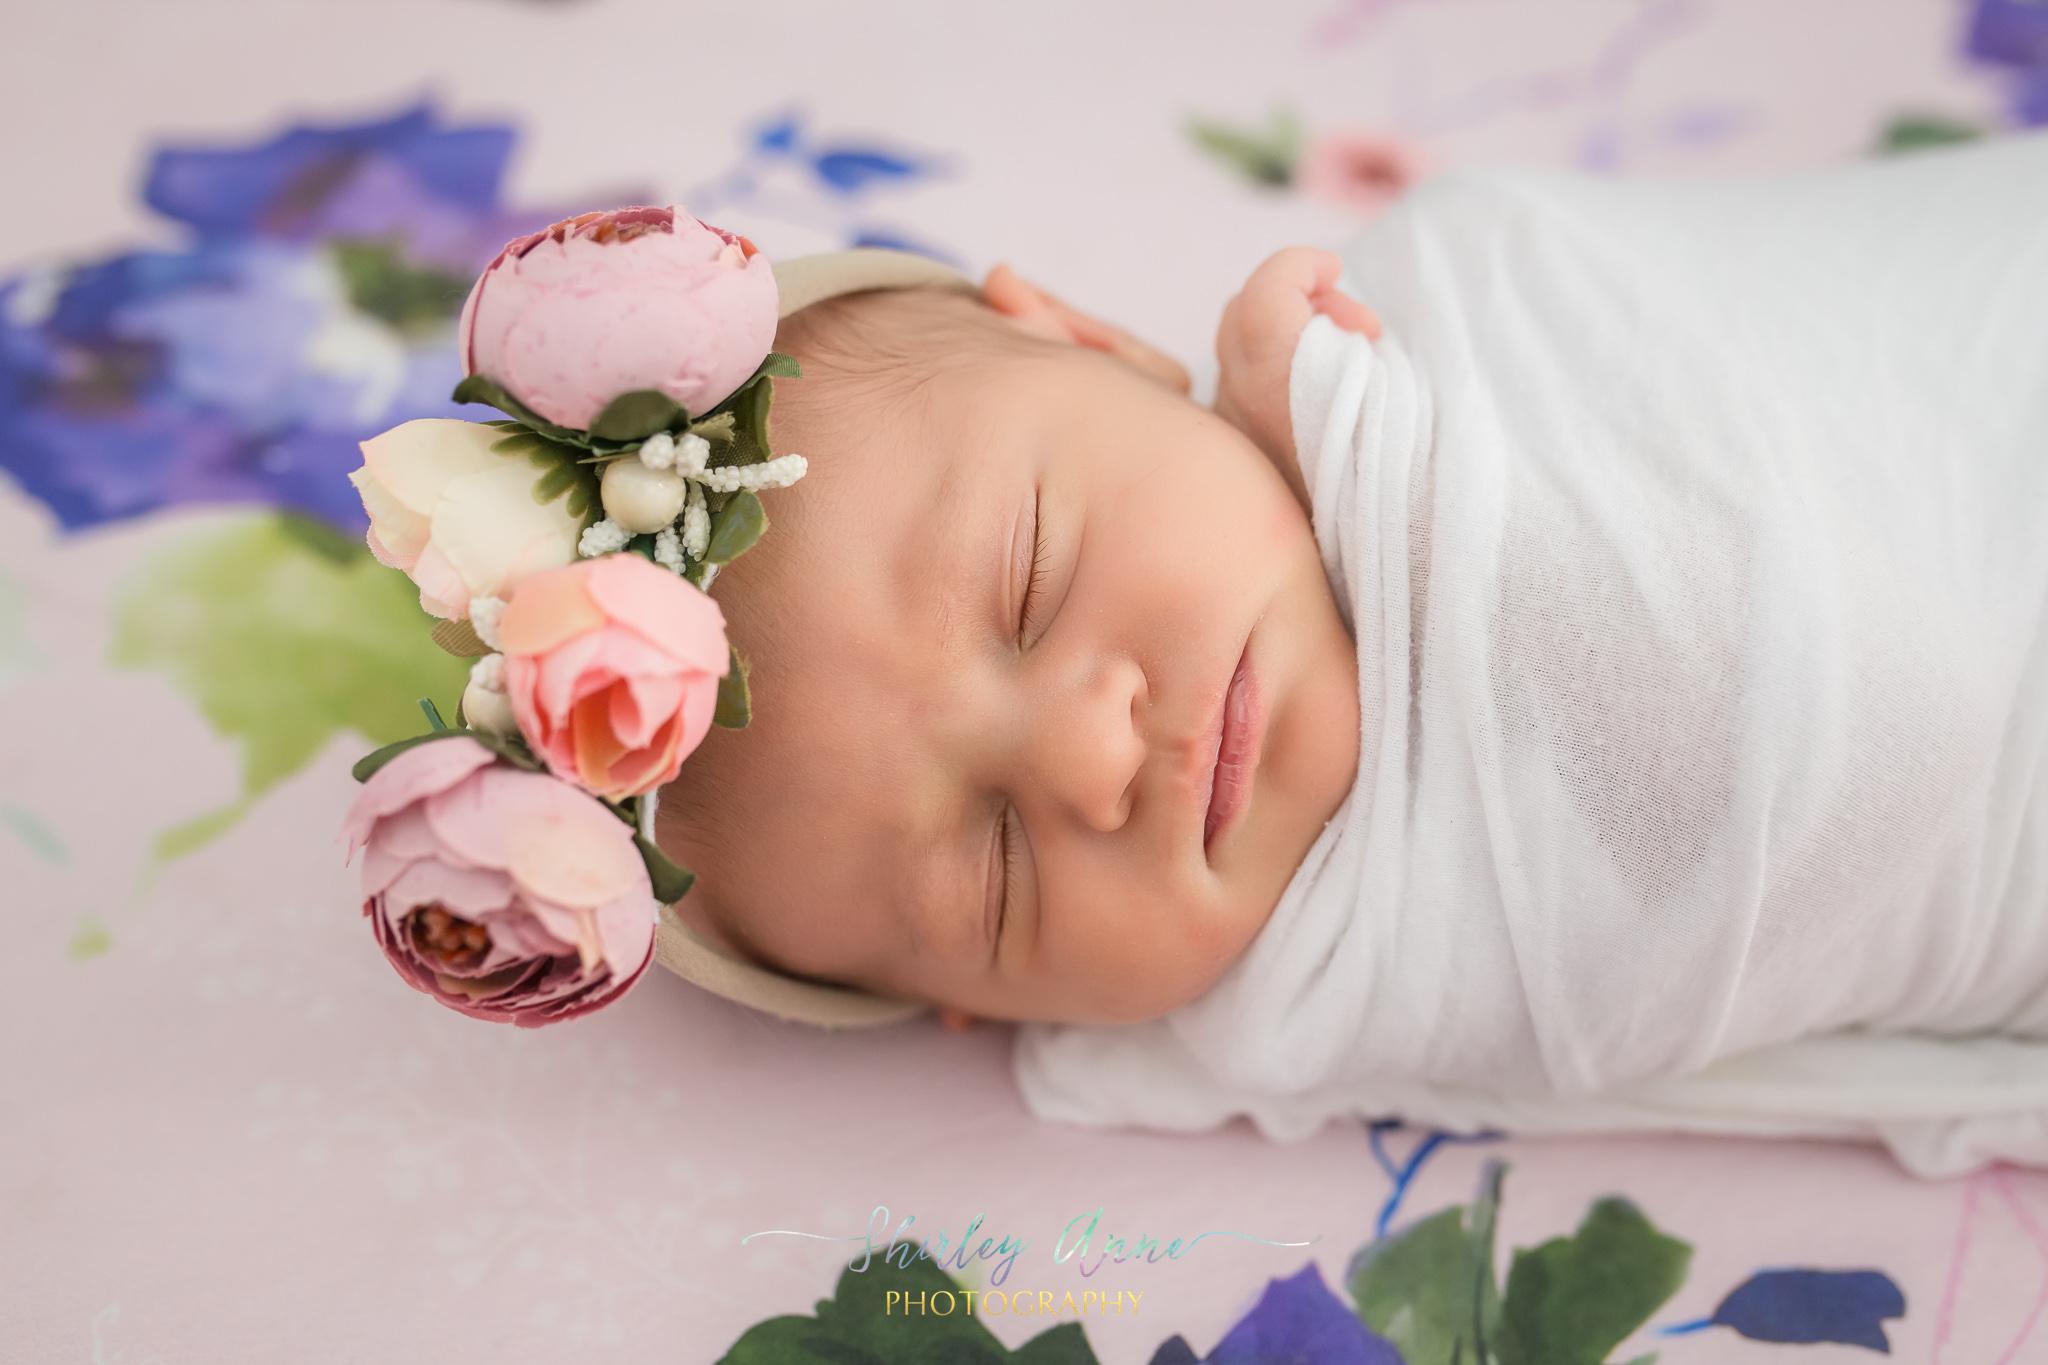 newborn baby with flower crown newborn session